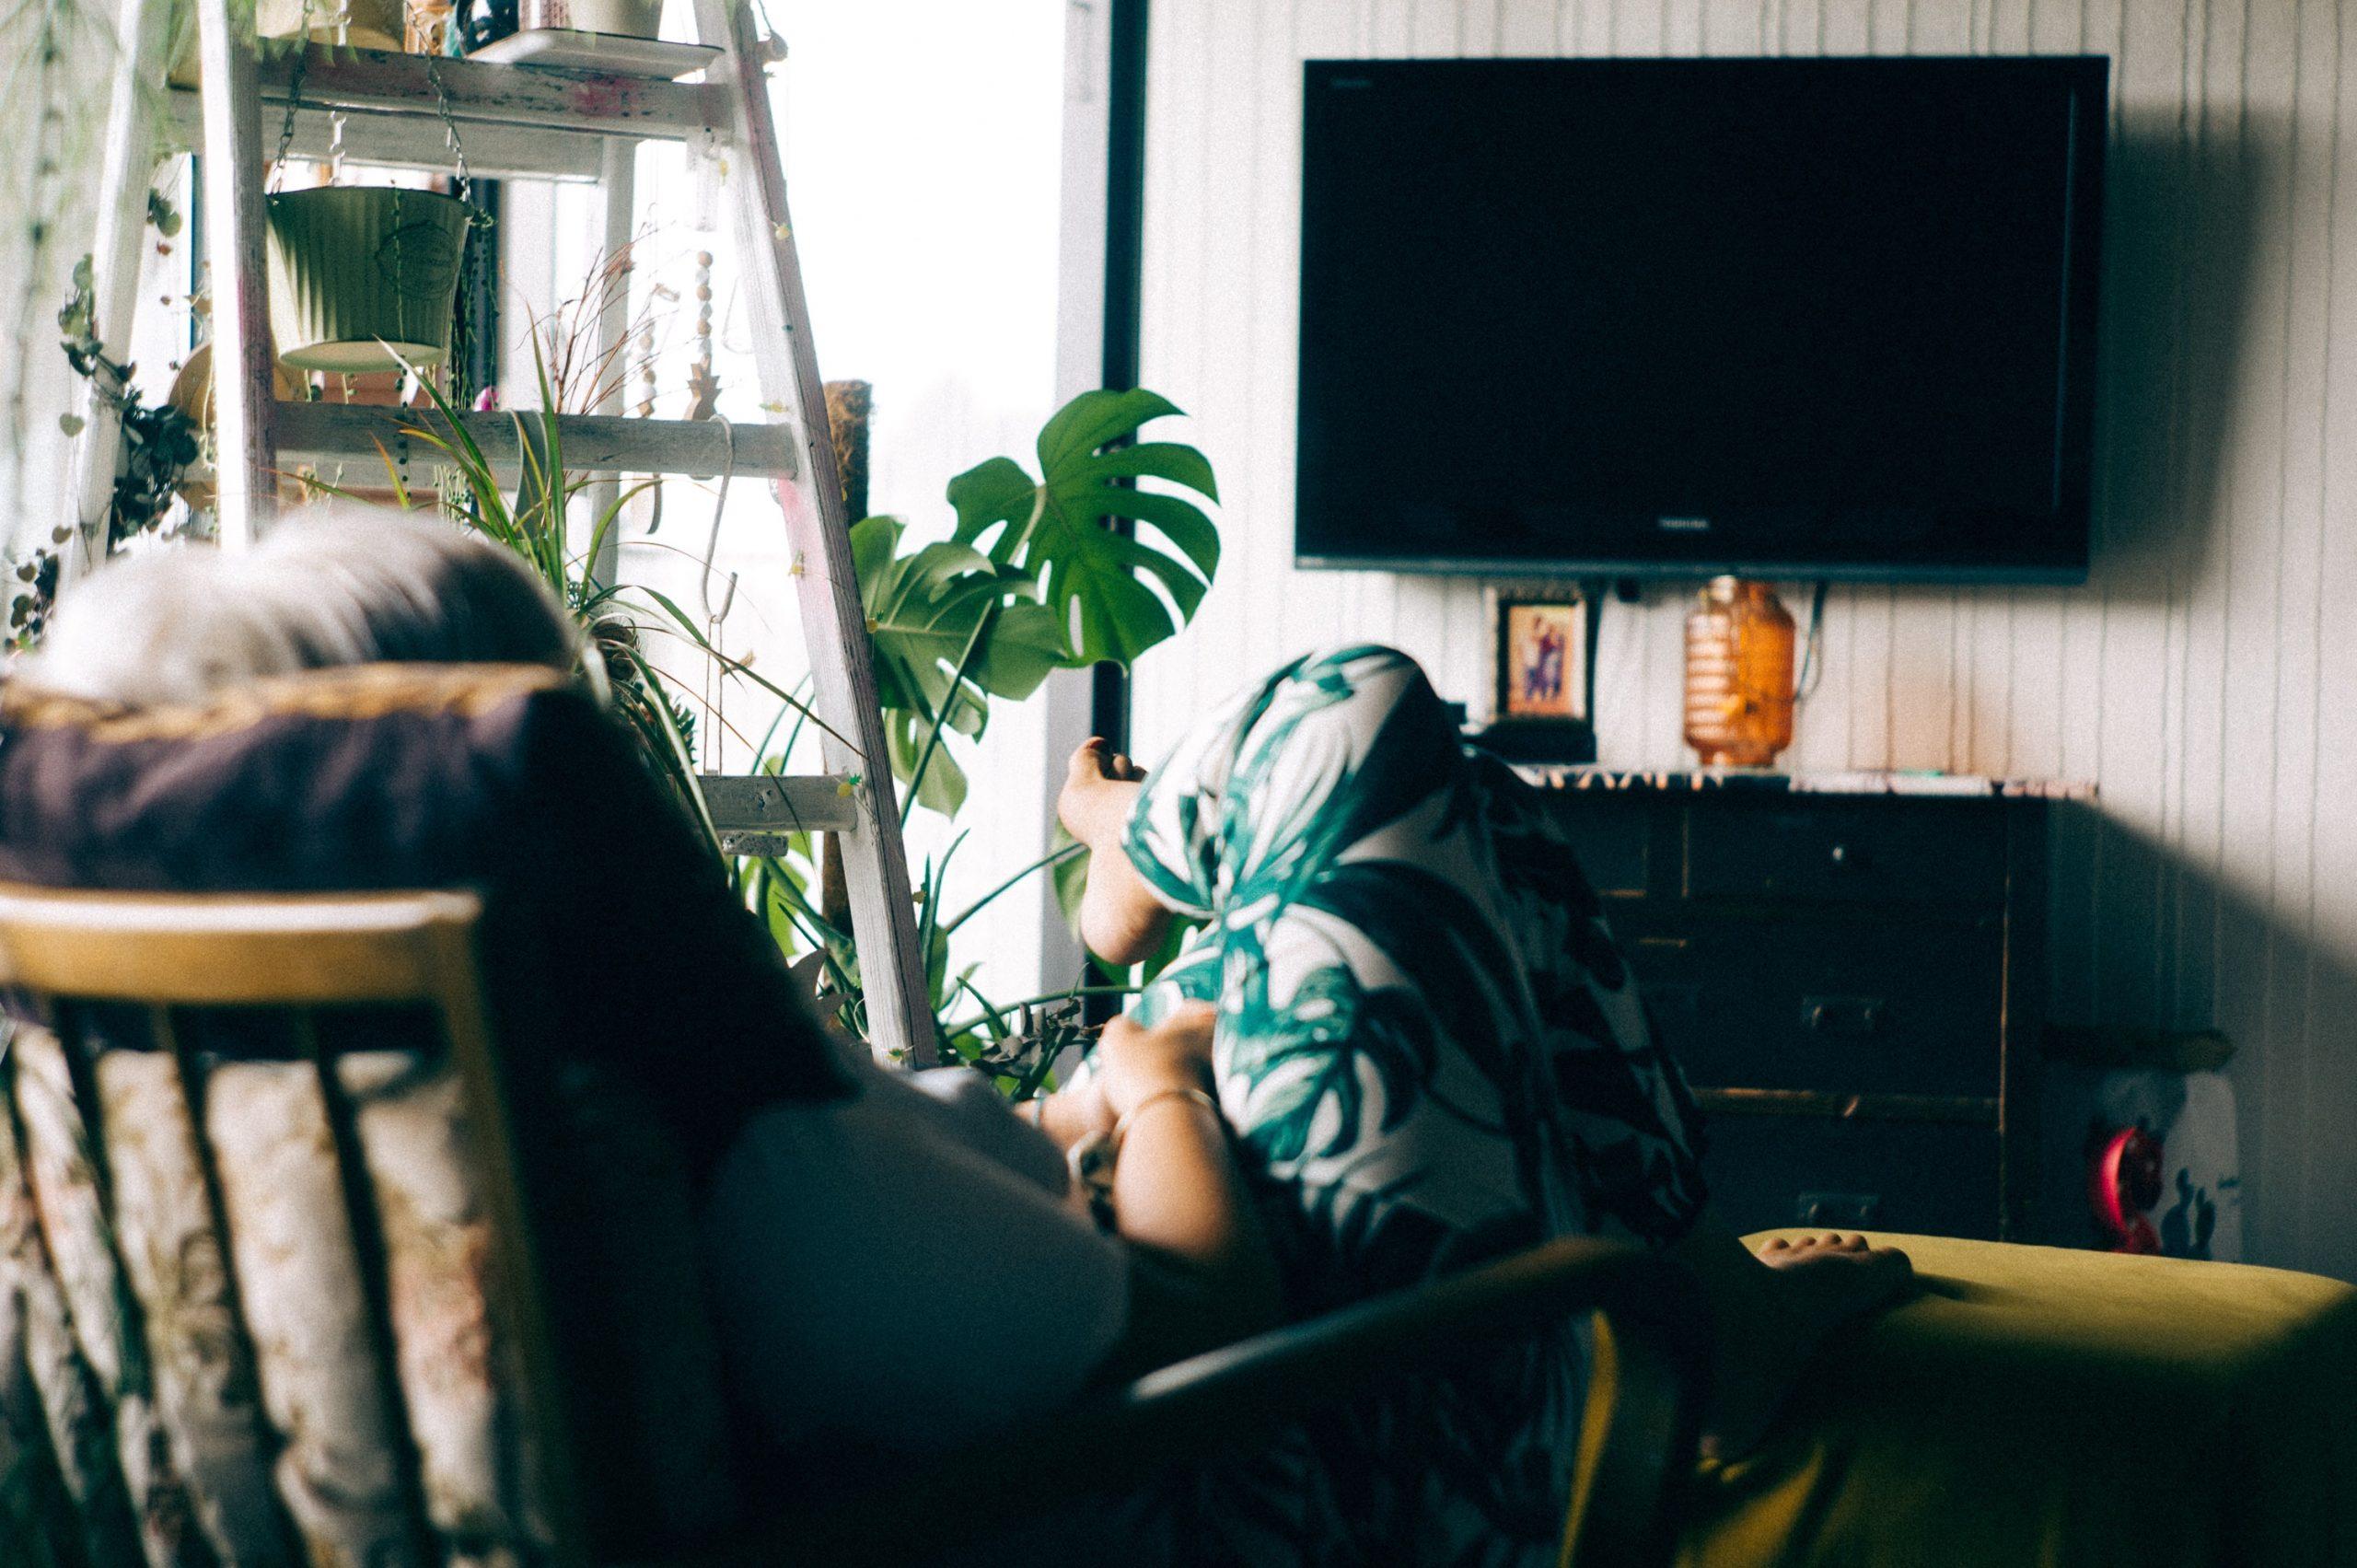 Na foto uma mulher sentada em uma cadeira em frente a uma televisão.